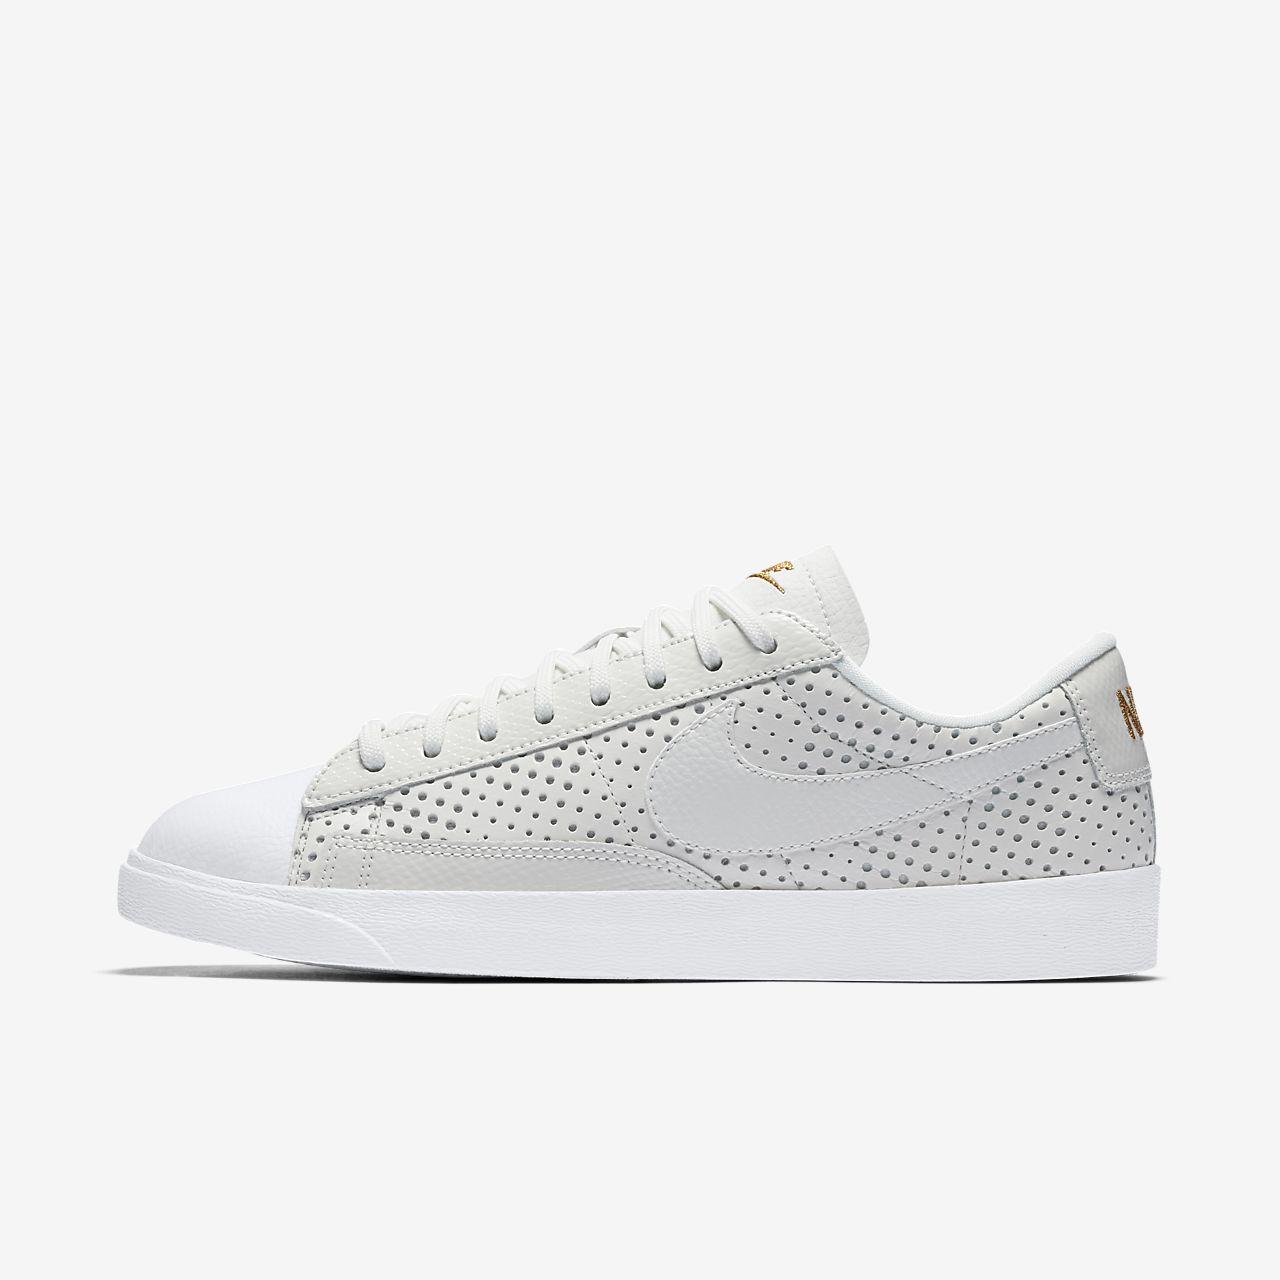 Nike Blazer Premium Bas Qs Chaussure Femme Vente en ligne vraiment pas cher vente Footaction Peu coûteux agréable nuyOzM74